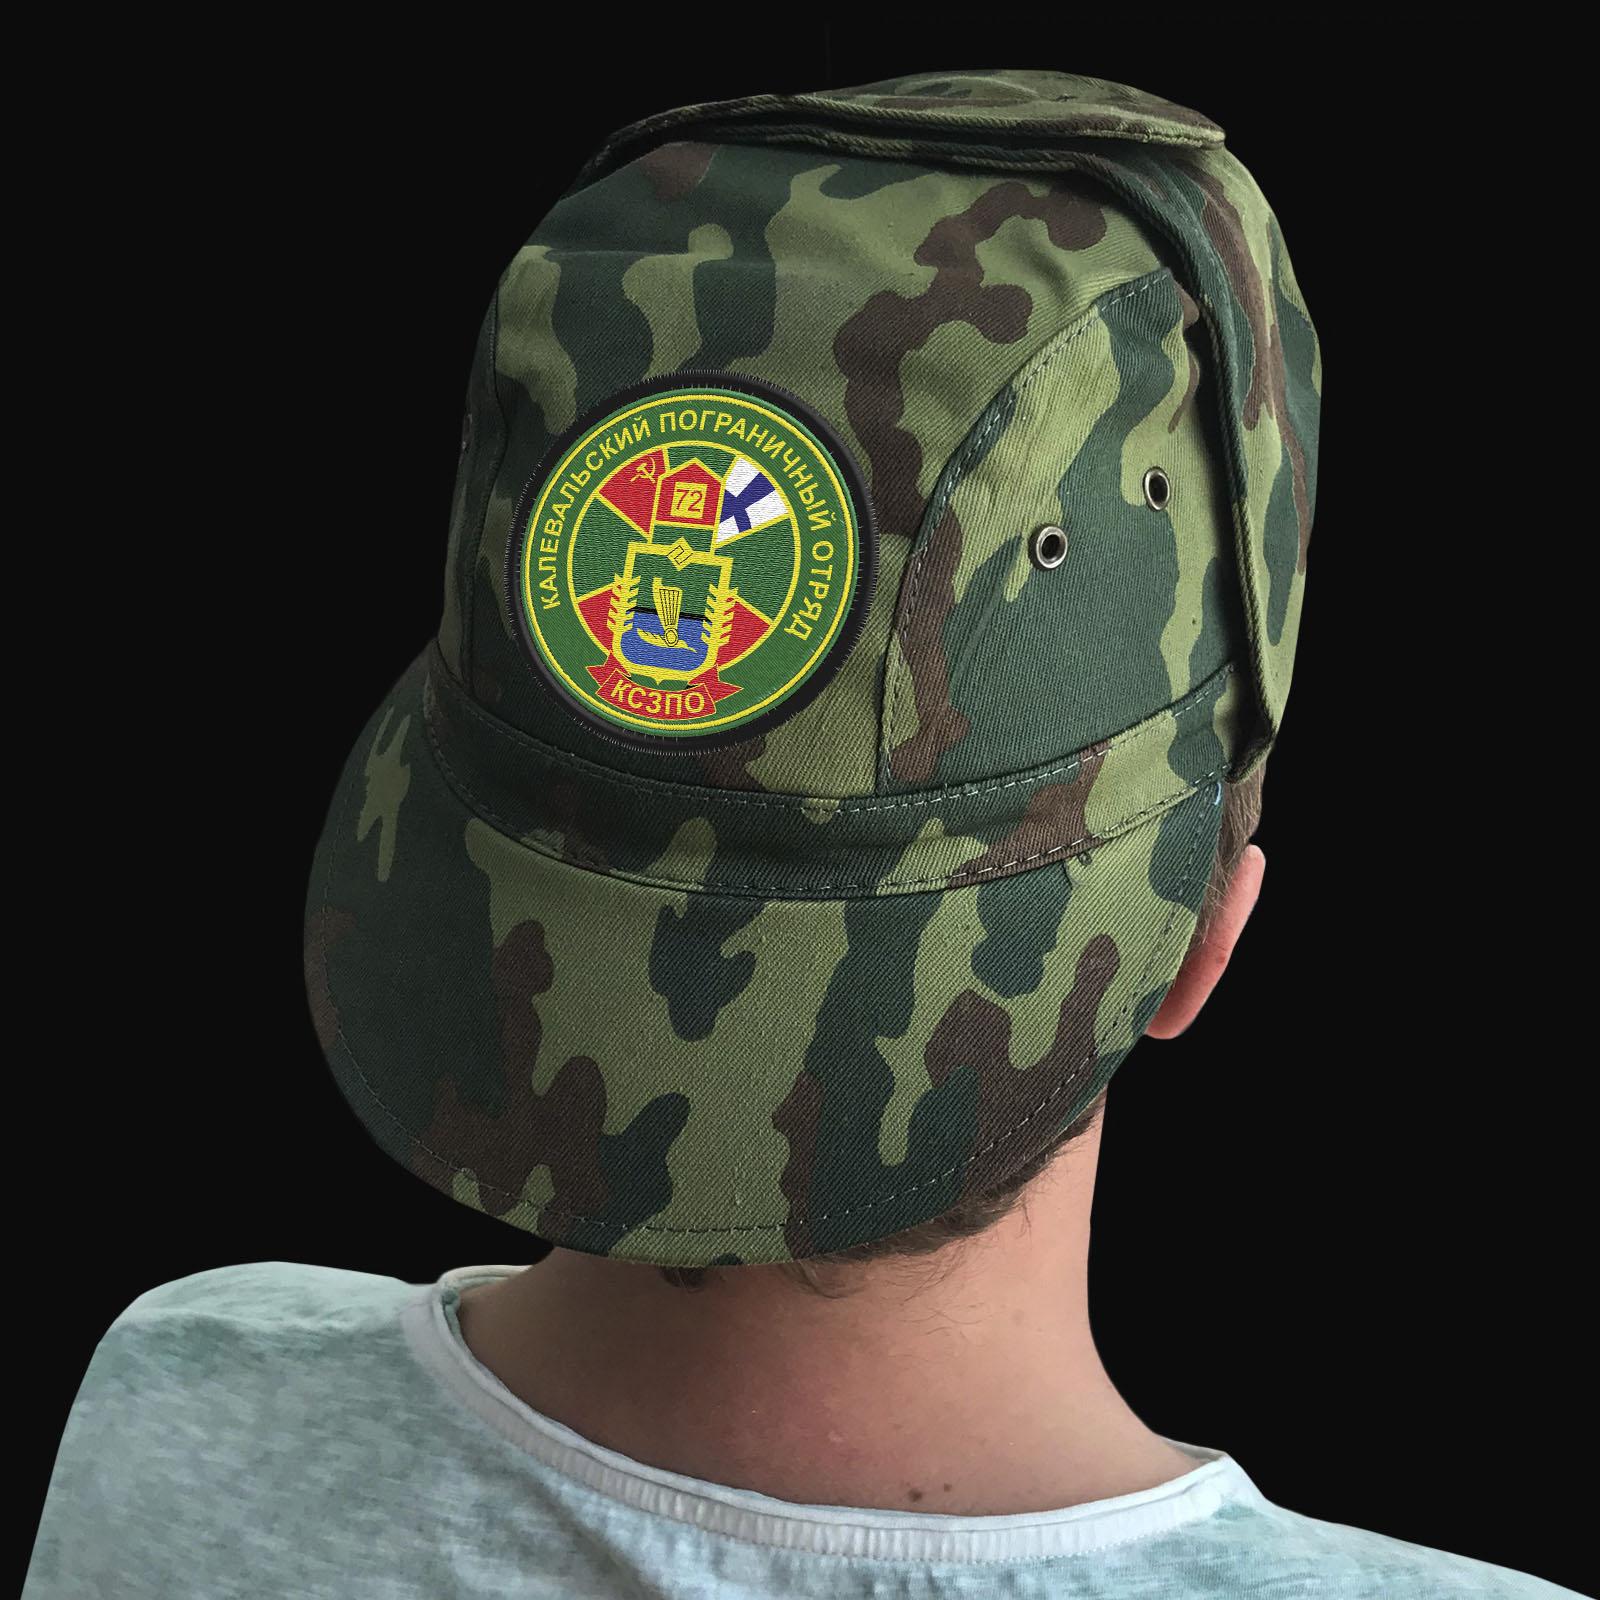 Недорогие камуфляжные кепки в погран дизайне